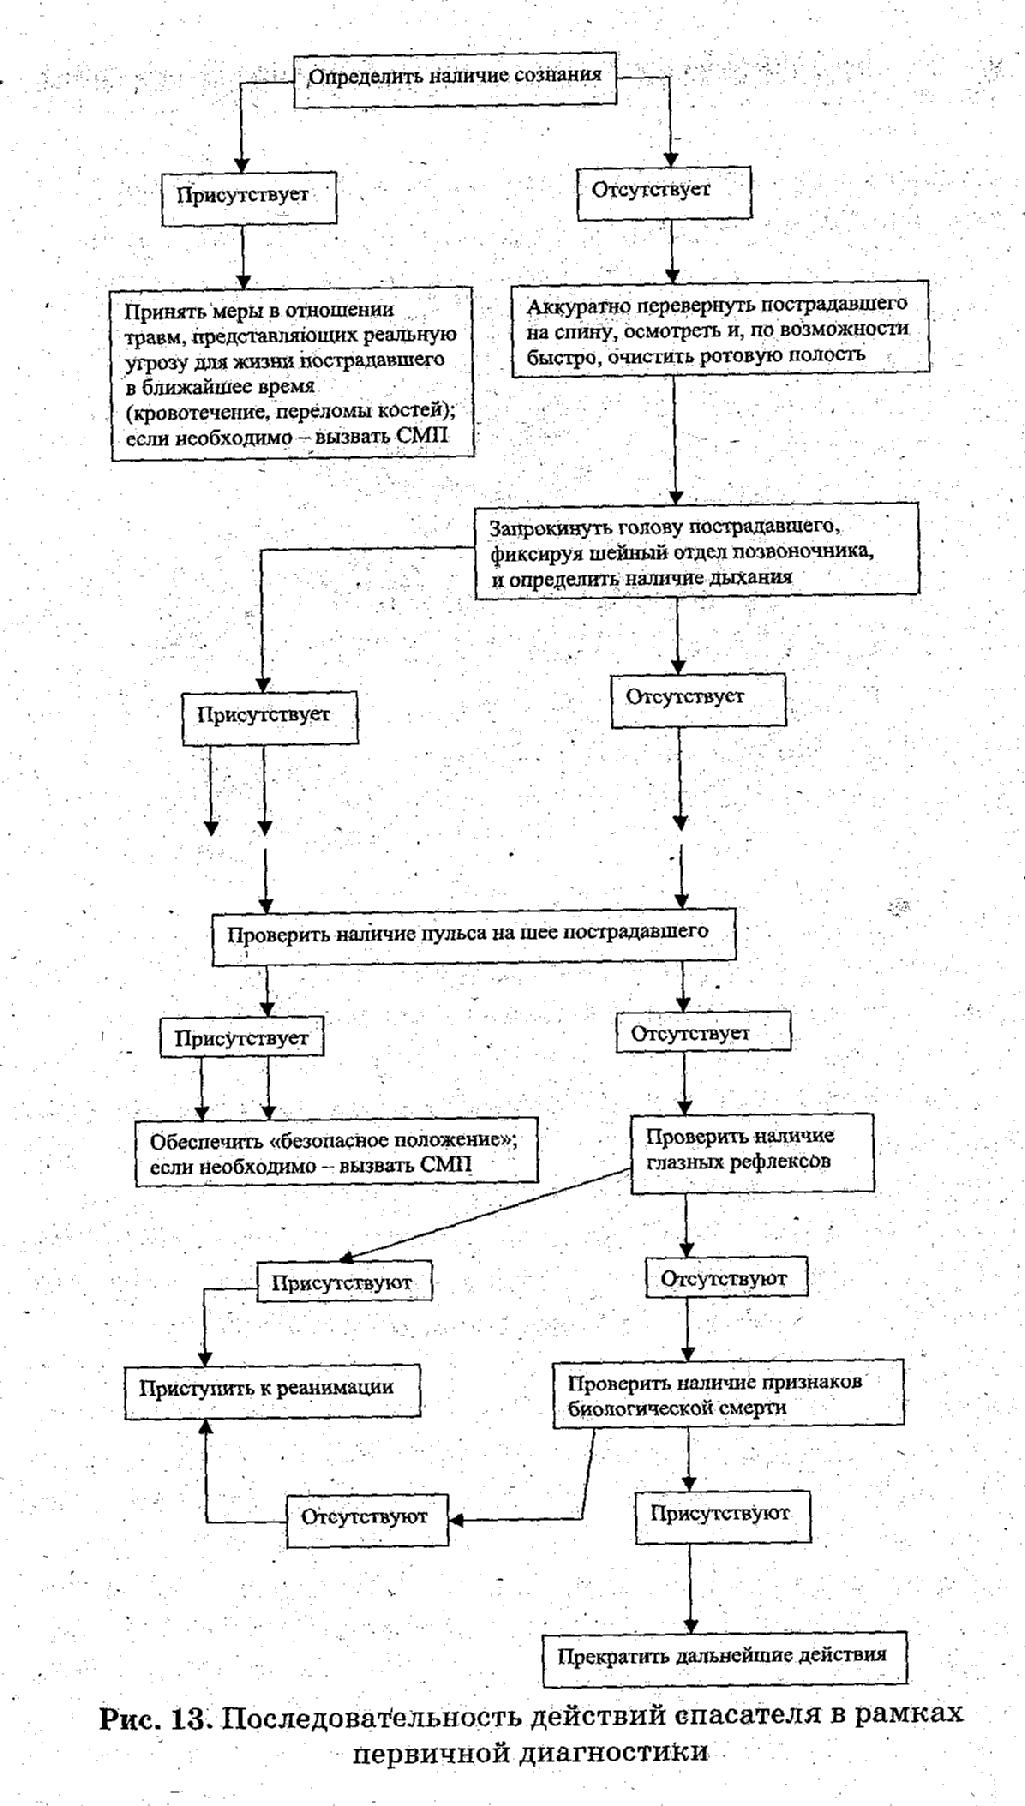 Стадии и этапы сердечно-легочной реанимации